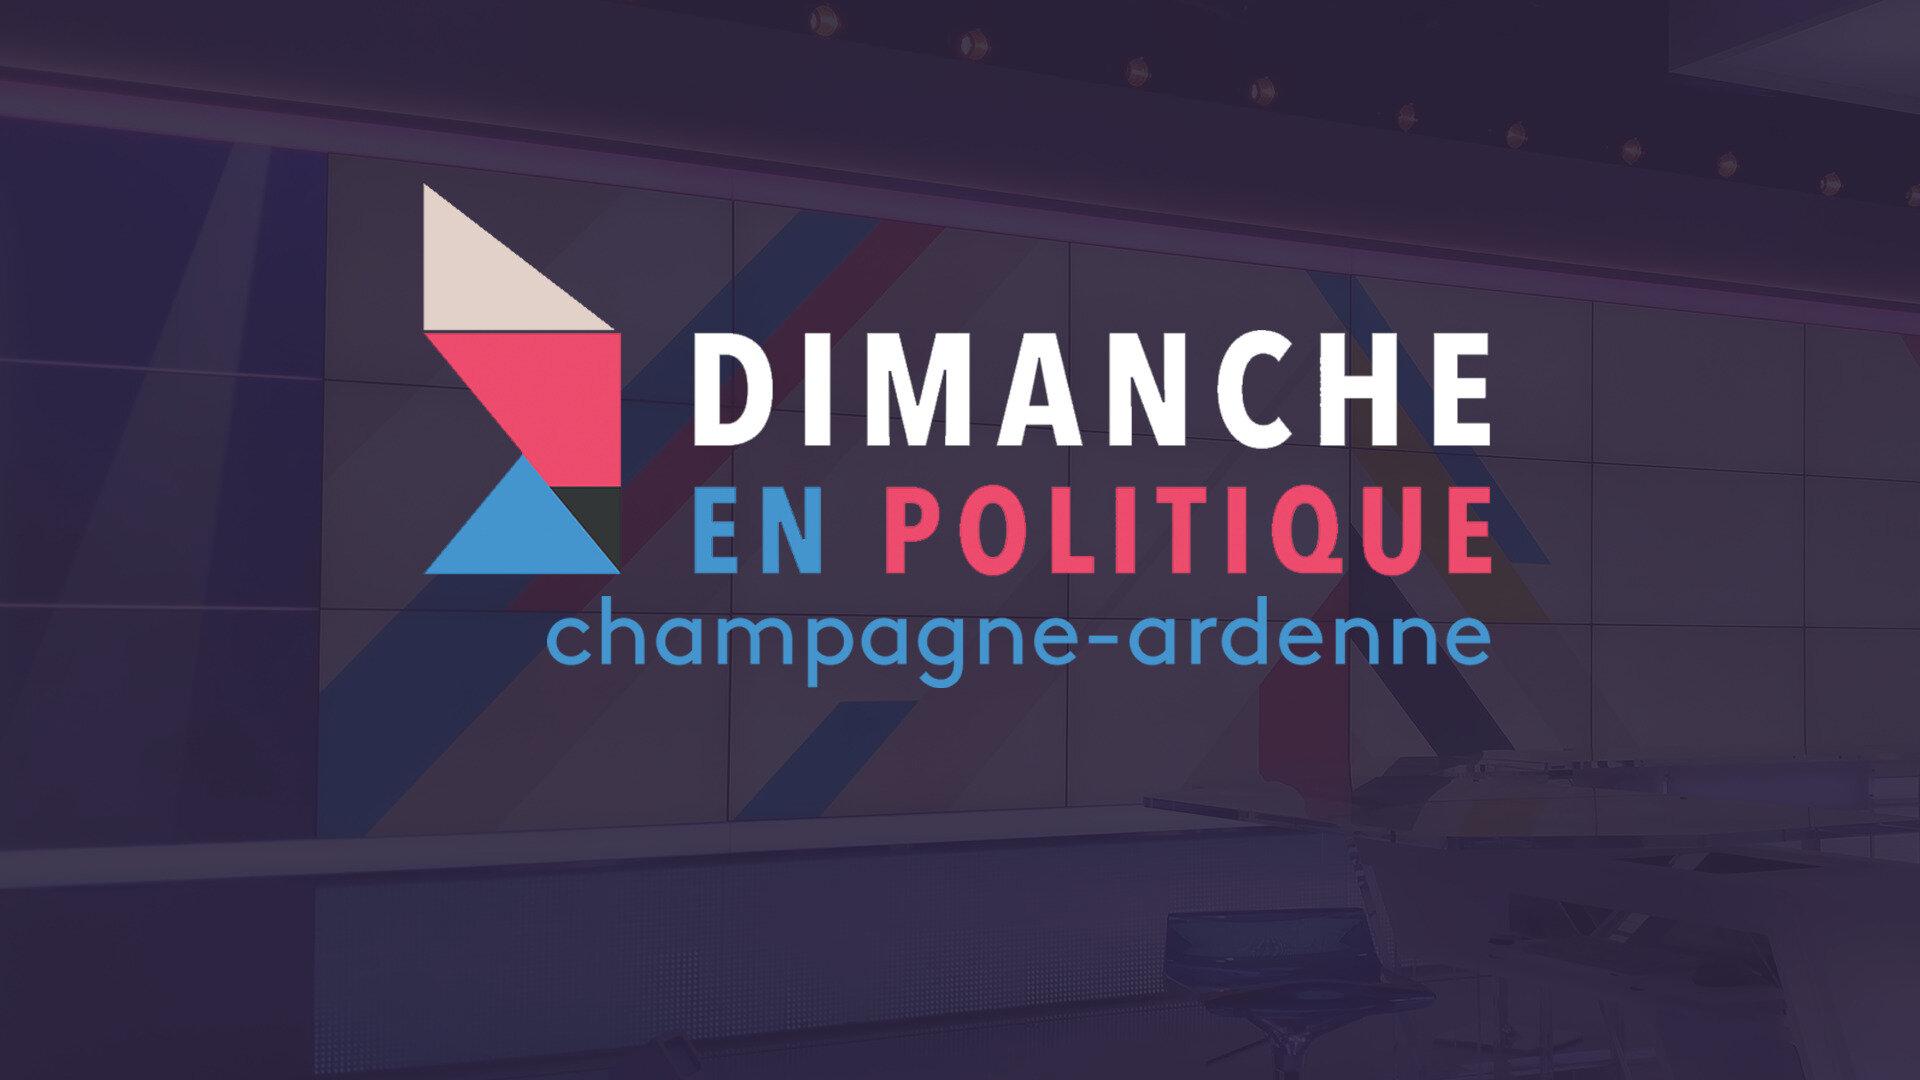 Dimanche en politique - Champagne-Ardenne : Ecologie : punir ou convaincre ?